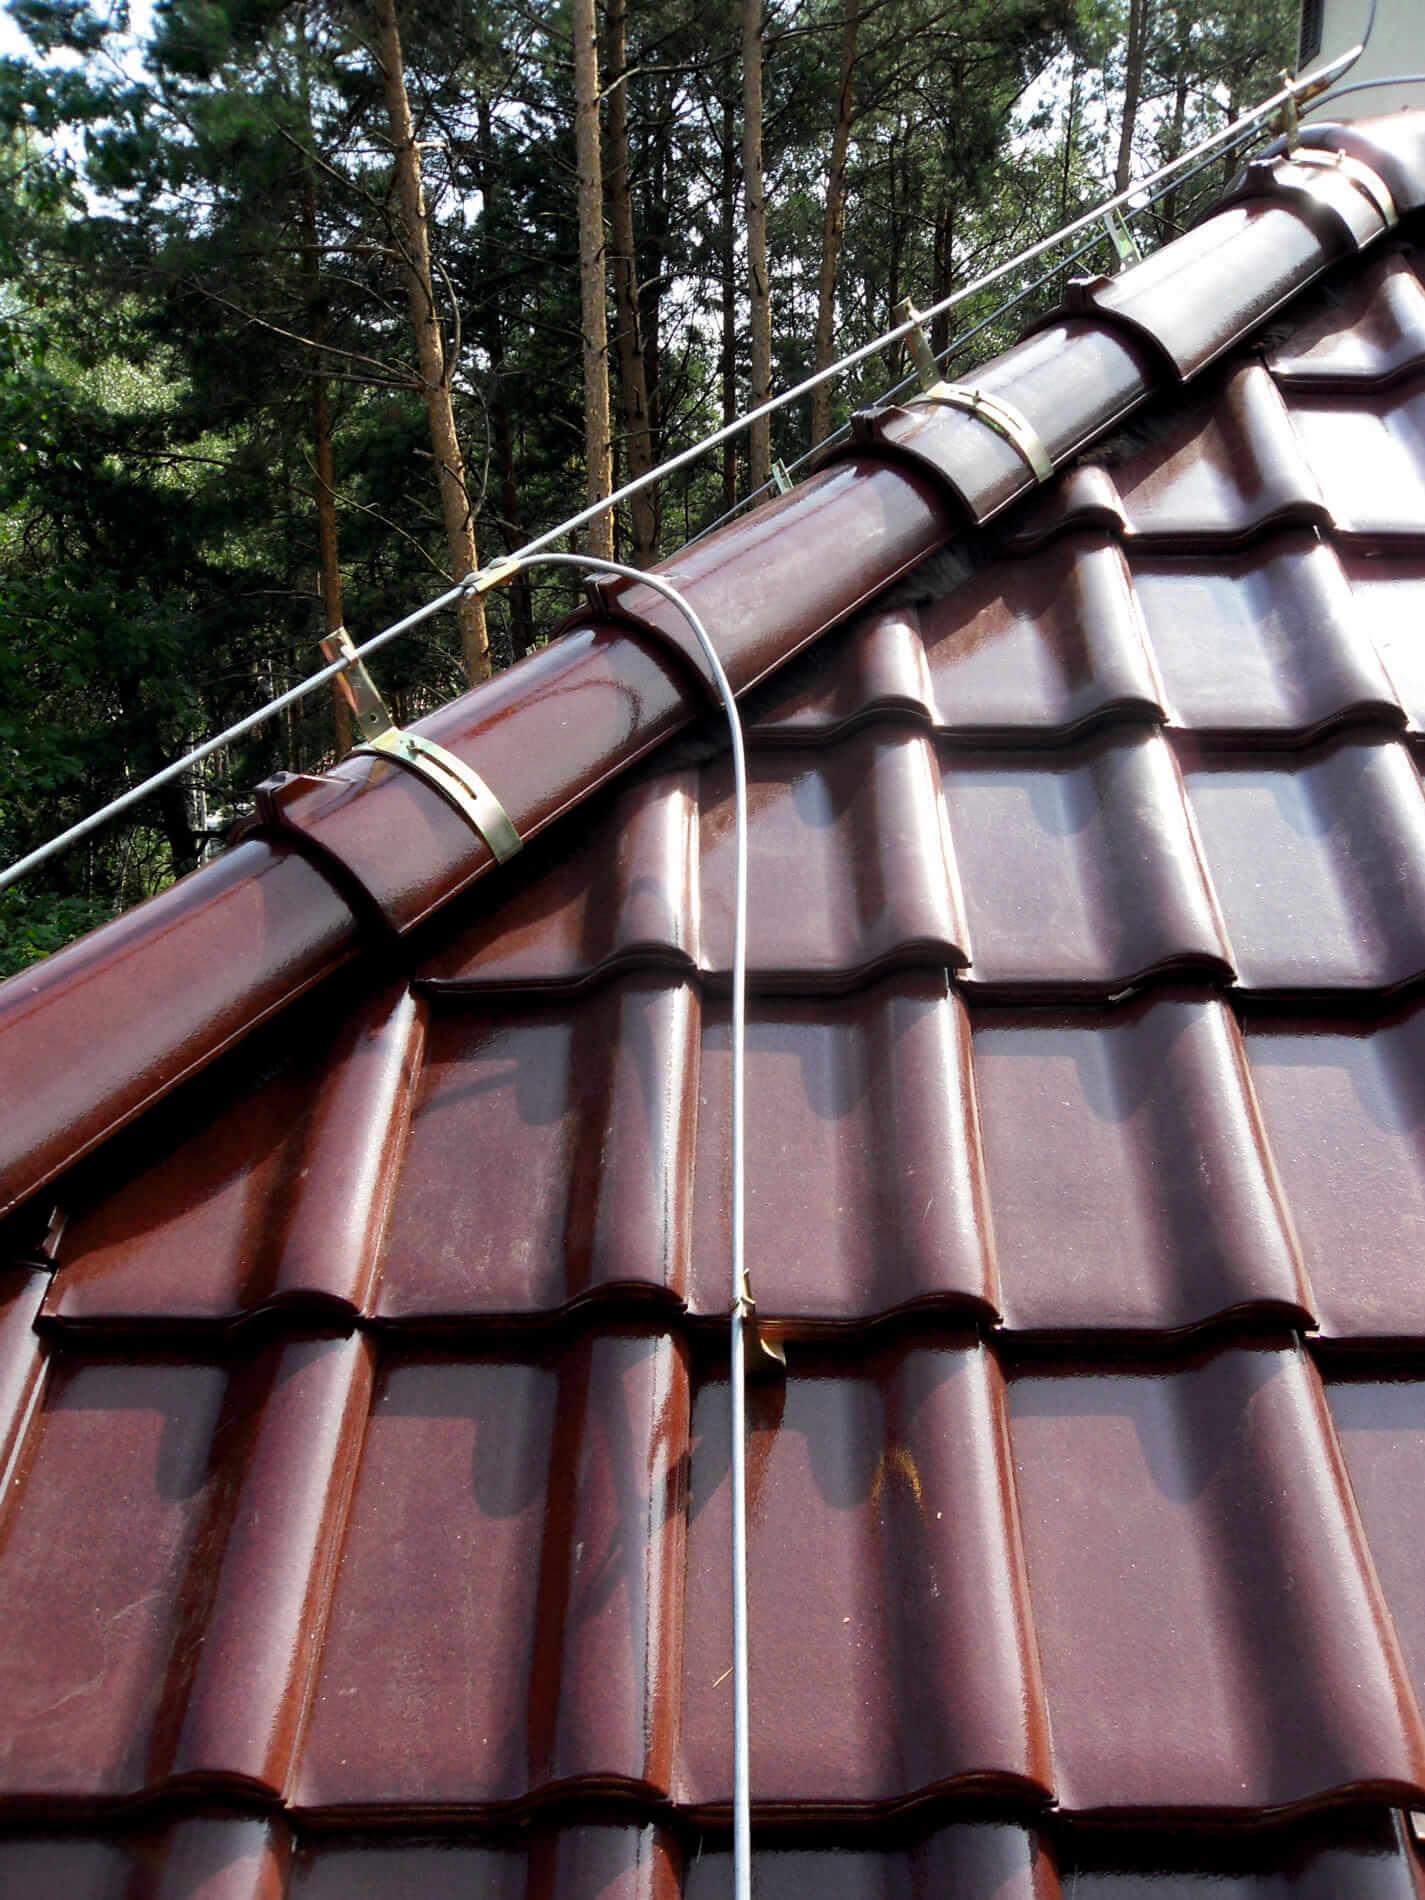 Drut FeZn prowadzony na uchwytach gąsiorowych i dachówkowych na dachu krytym dachówką ceramiczną.